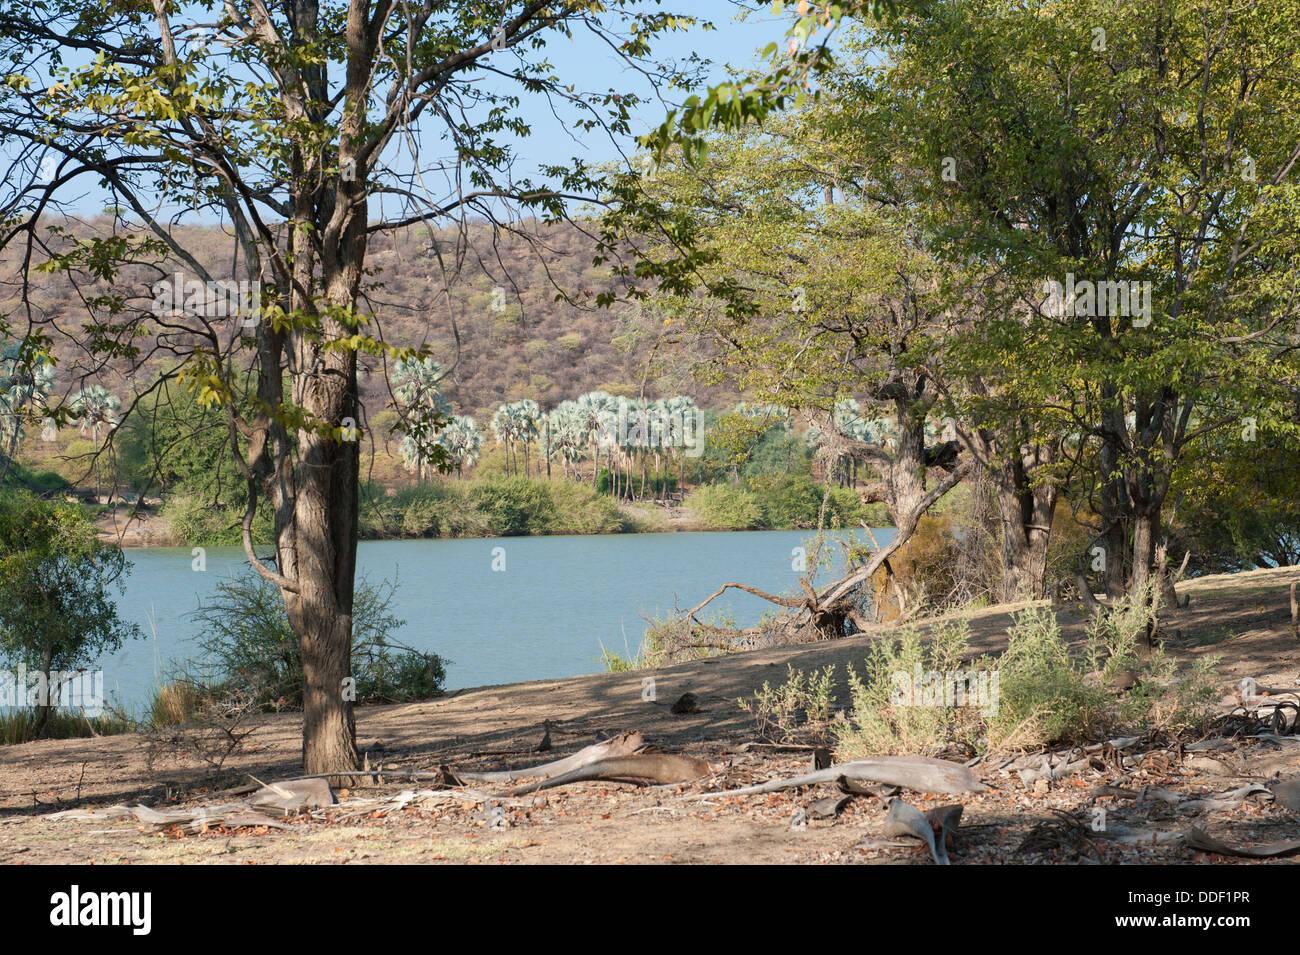 El río Kunene en Namibia es el río fronterizo con Angola. Foto de stock